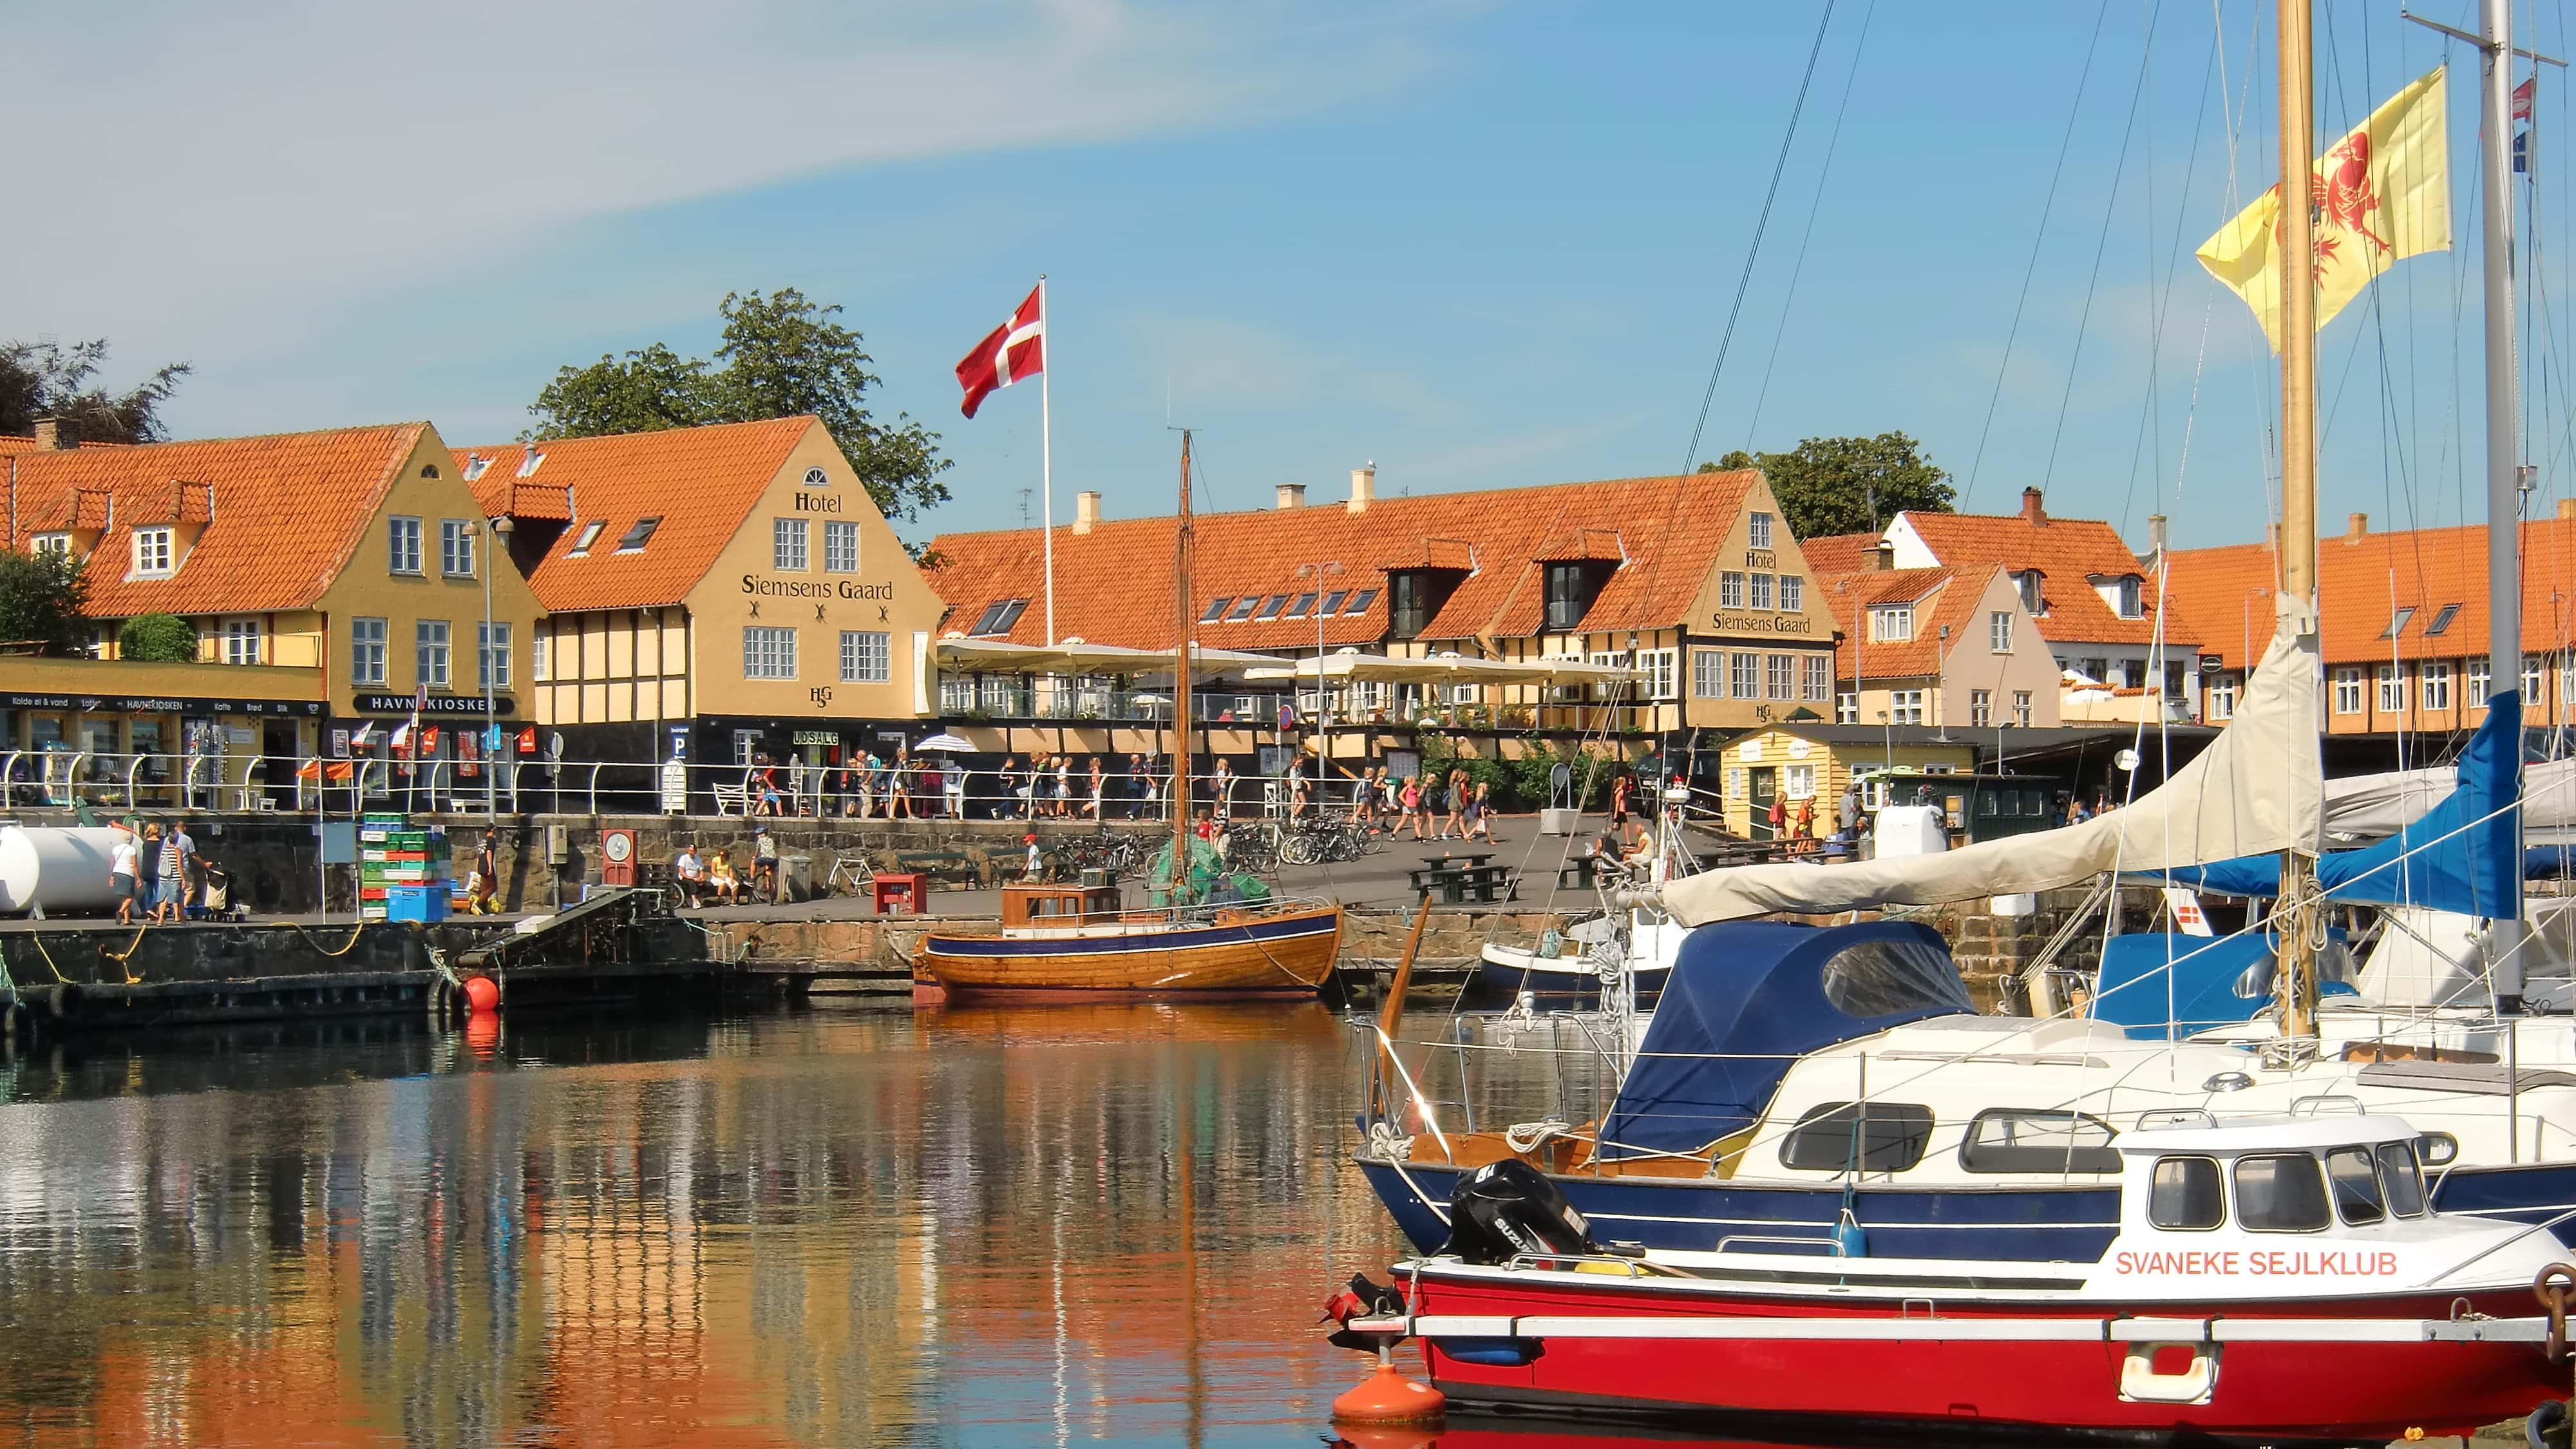 Svaneke wurde zu Dänemarks schönster Kleinstadt gekürt.